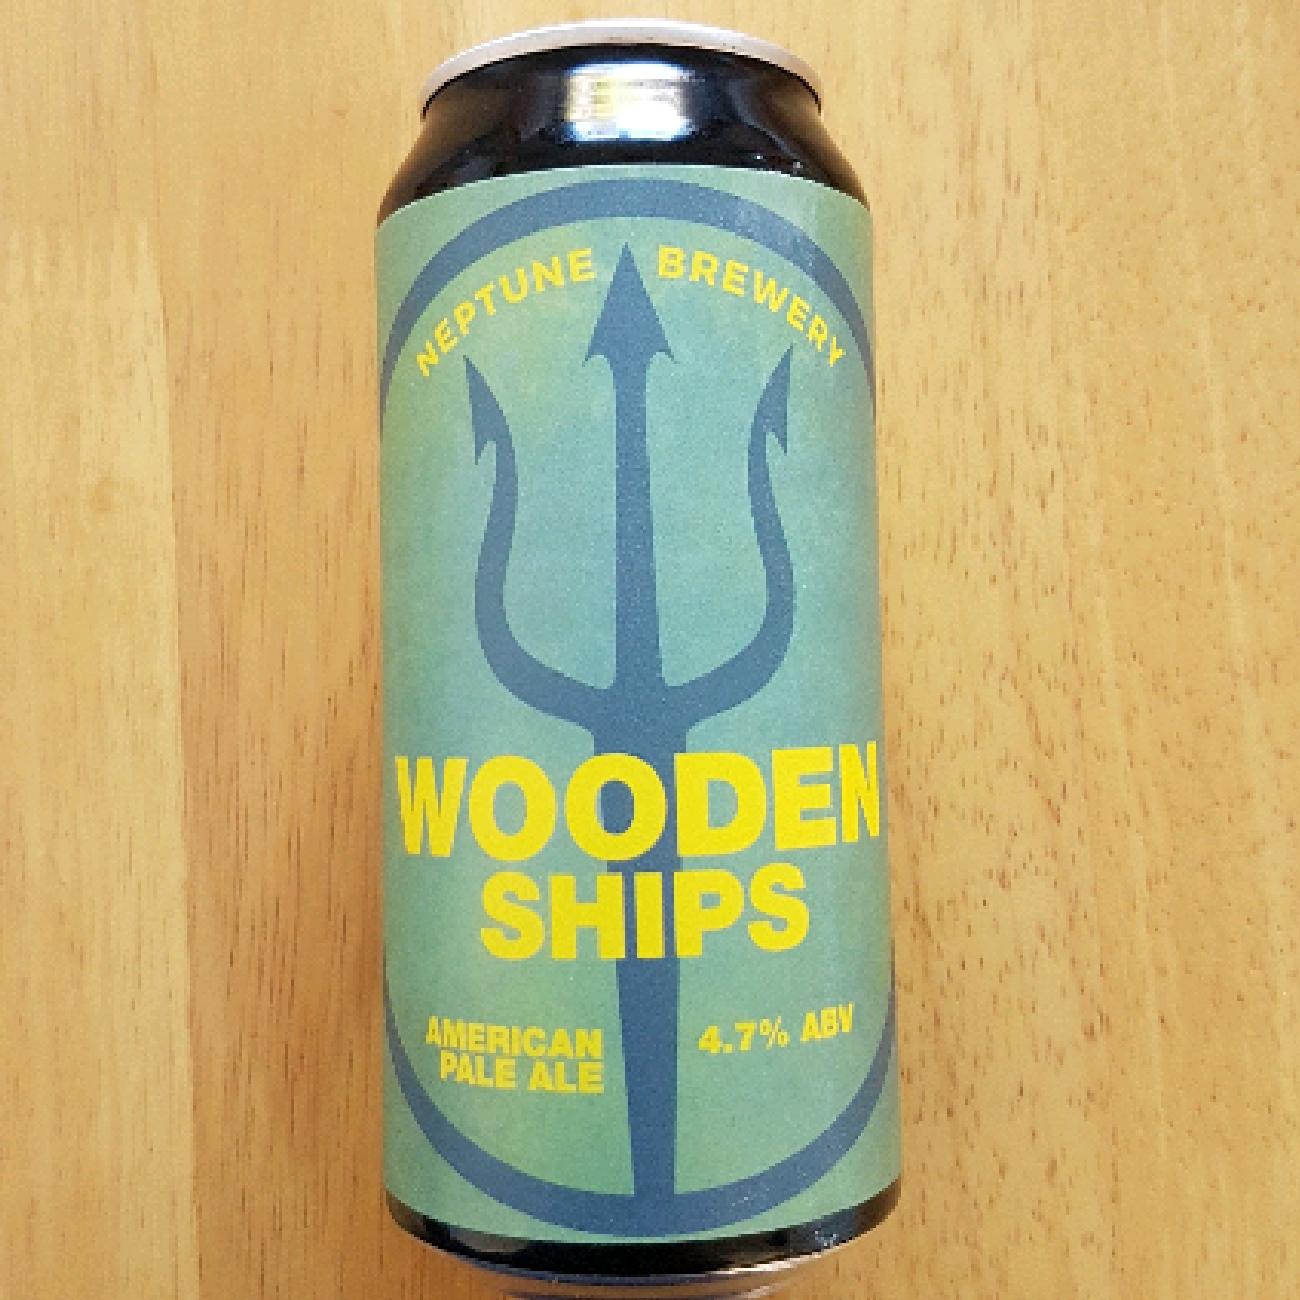 Neptune Wooden Ships